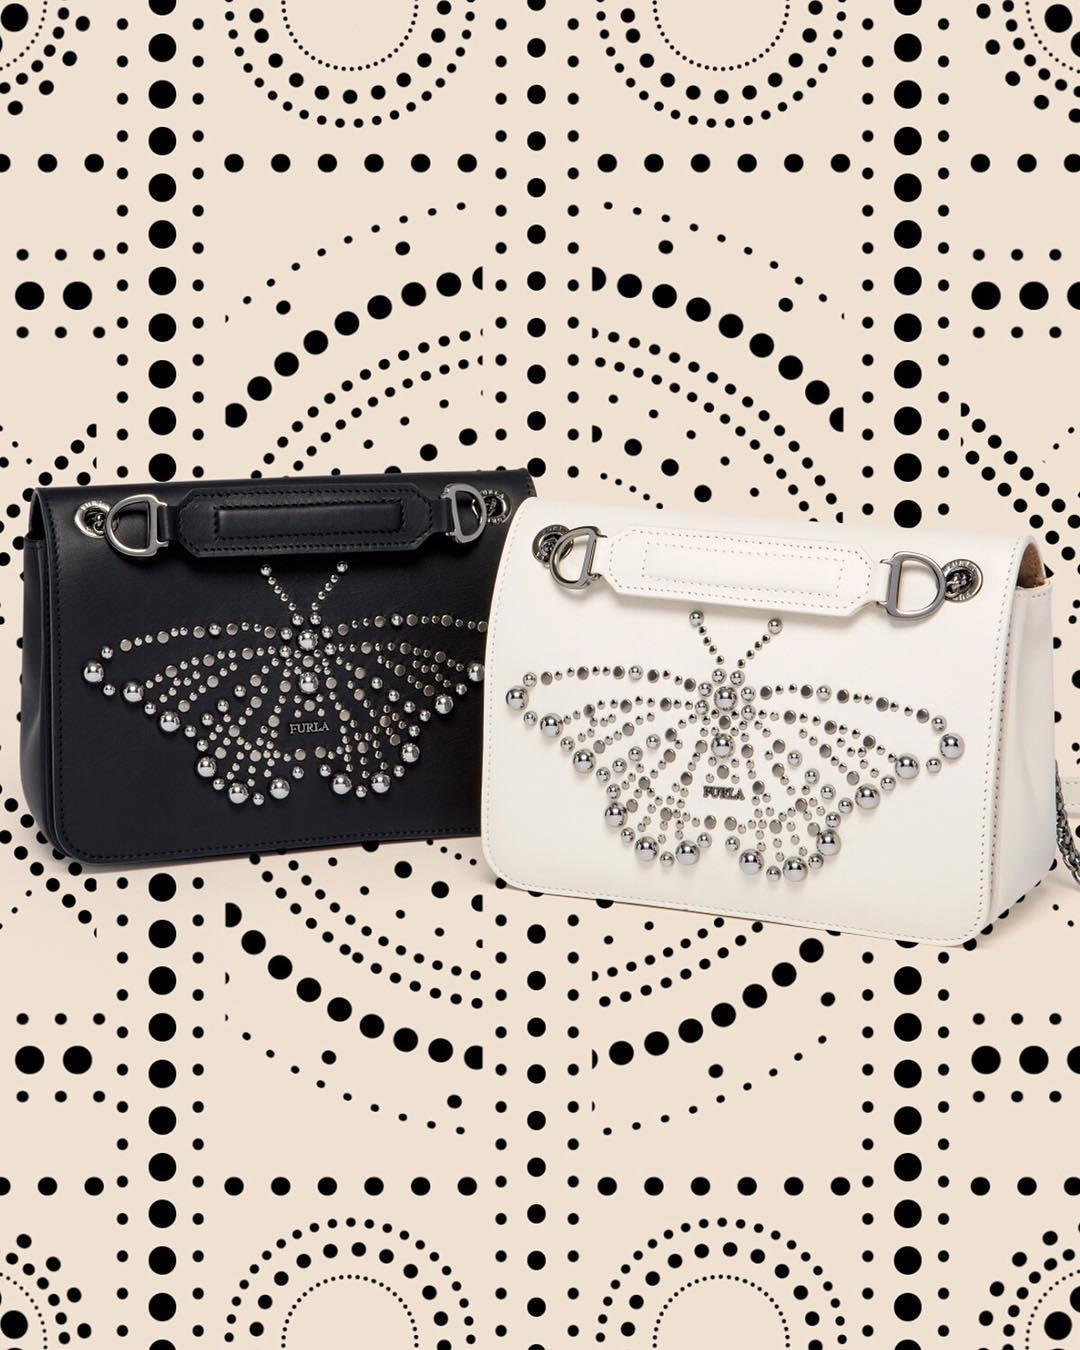 کیف های زنانه فورلا #furlafee